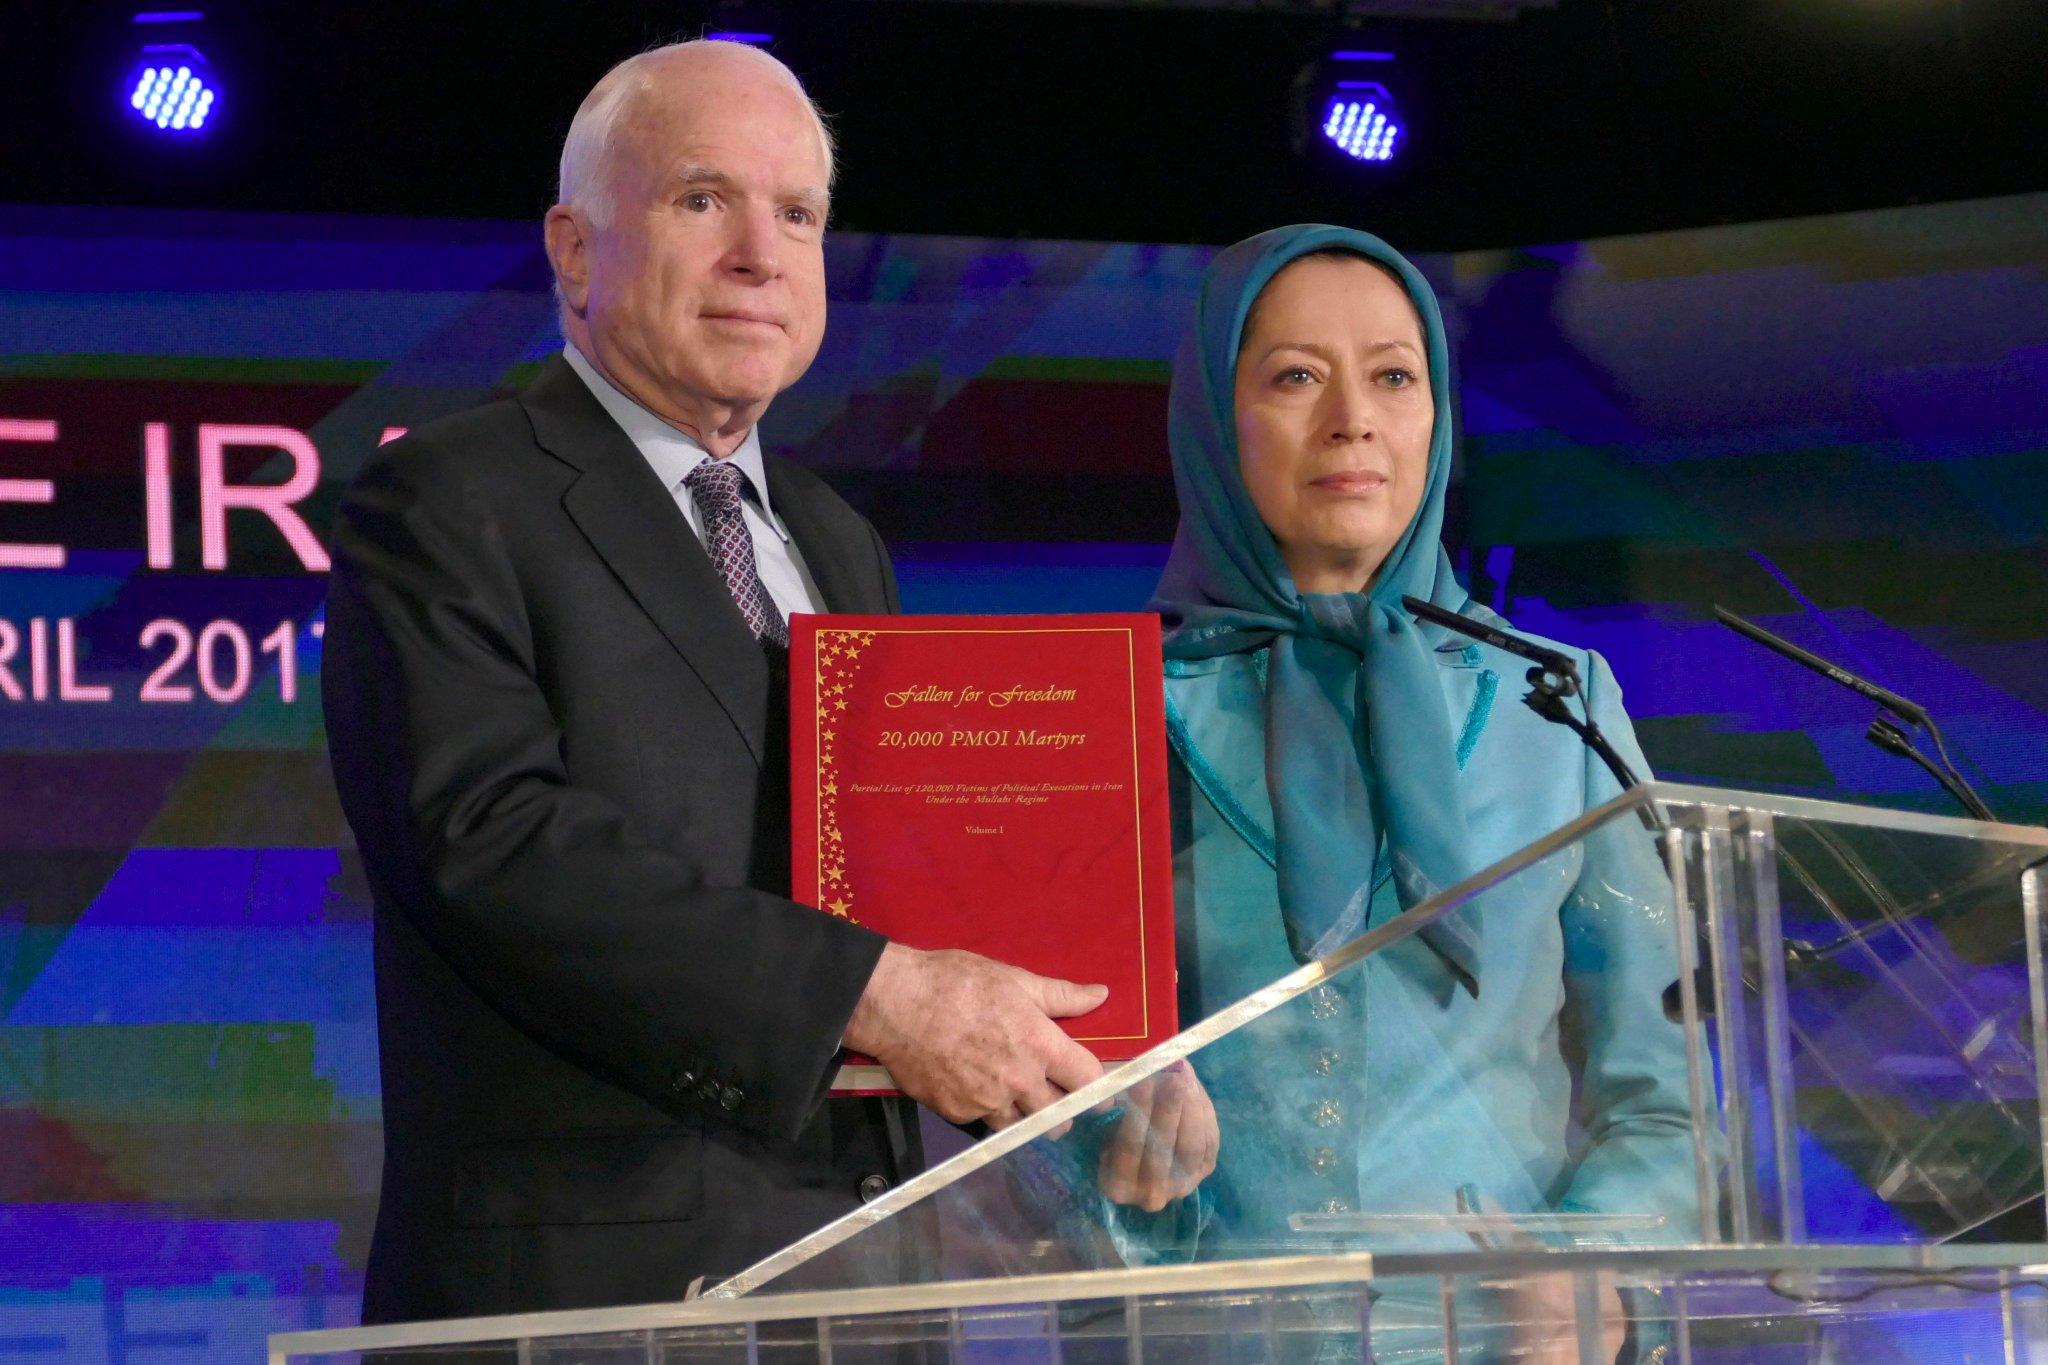 افتخاری دوباره برای سازمان پرافتخار مجاهدین  بازوی پراقتدار خلق قهرمان ایران!!